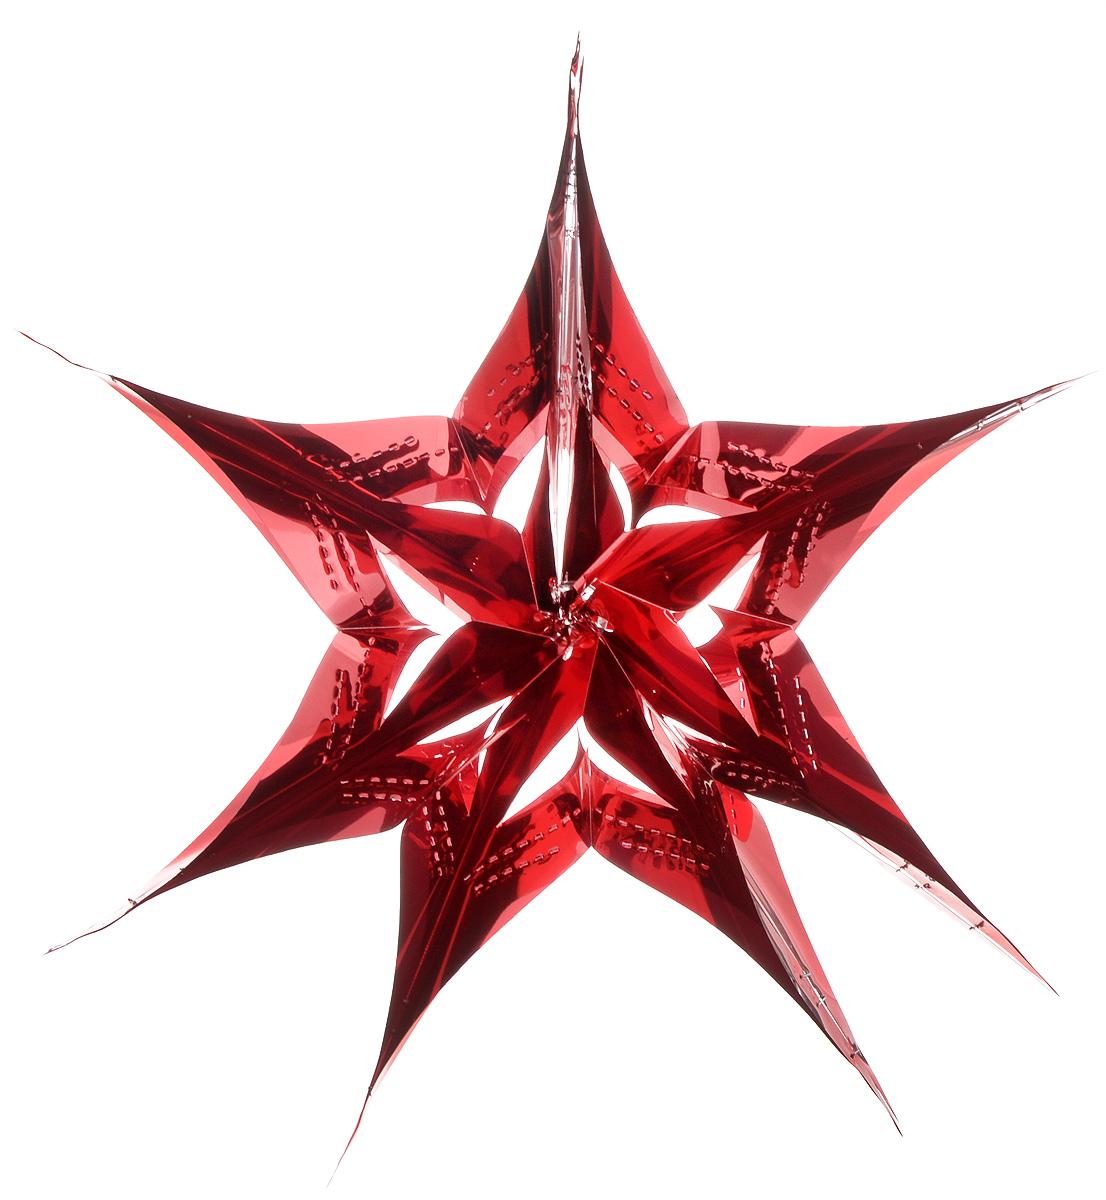 Украшение новогоднее подвесное Winter Wings Звезда, цвет: красный, диаметр 30 см украшение новогоднее оконное winter wings новогодние герои 5 шт n09356 ангелы